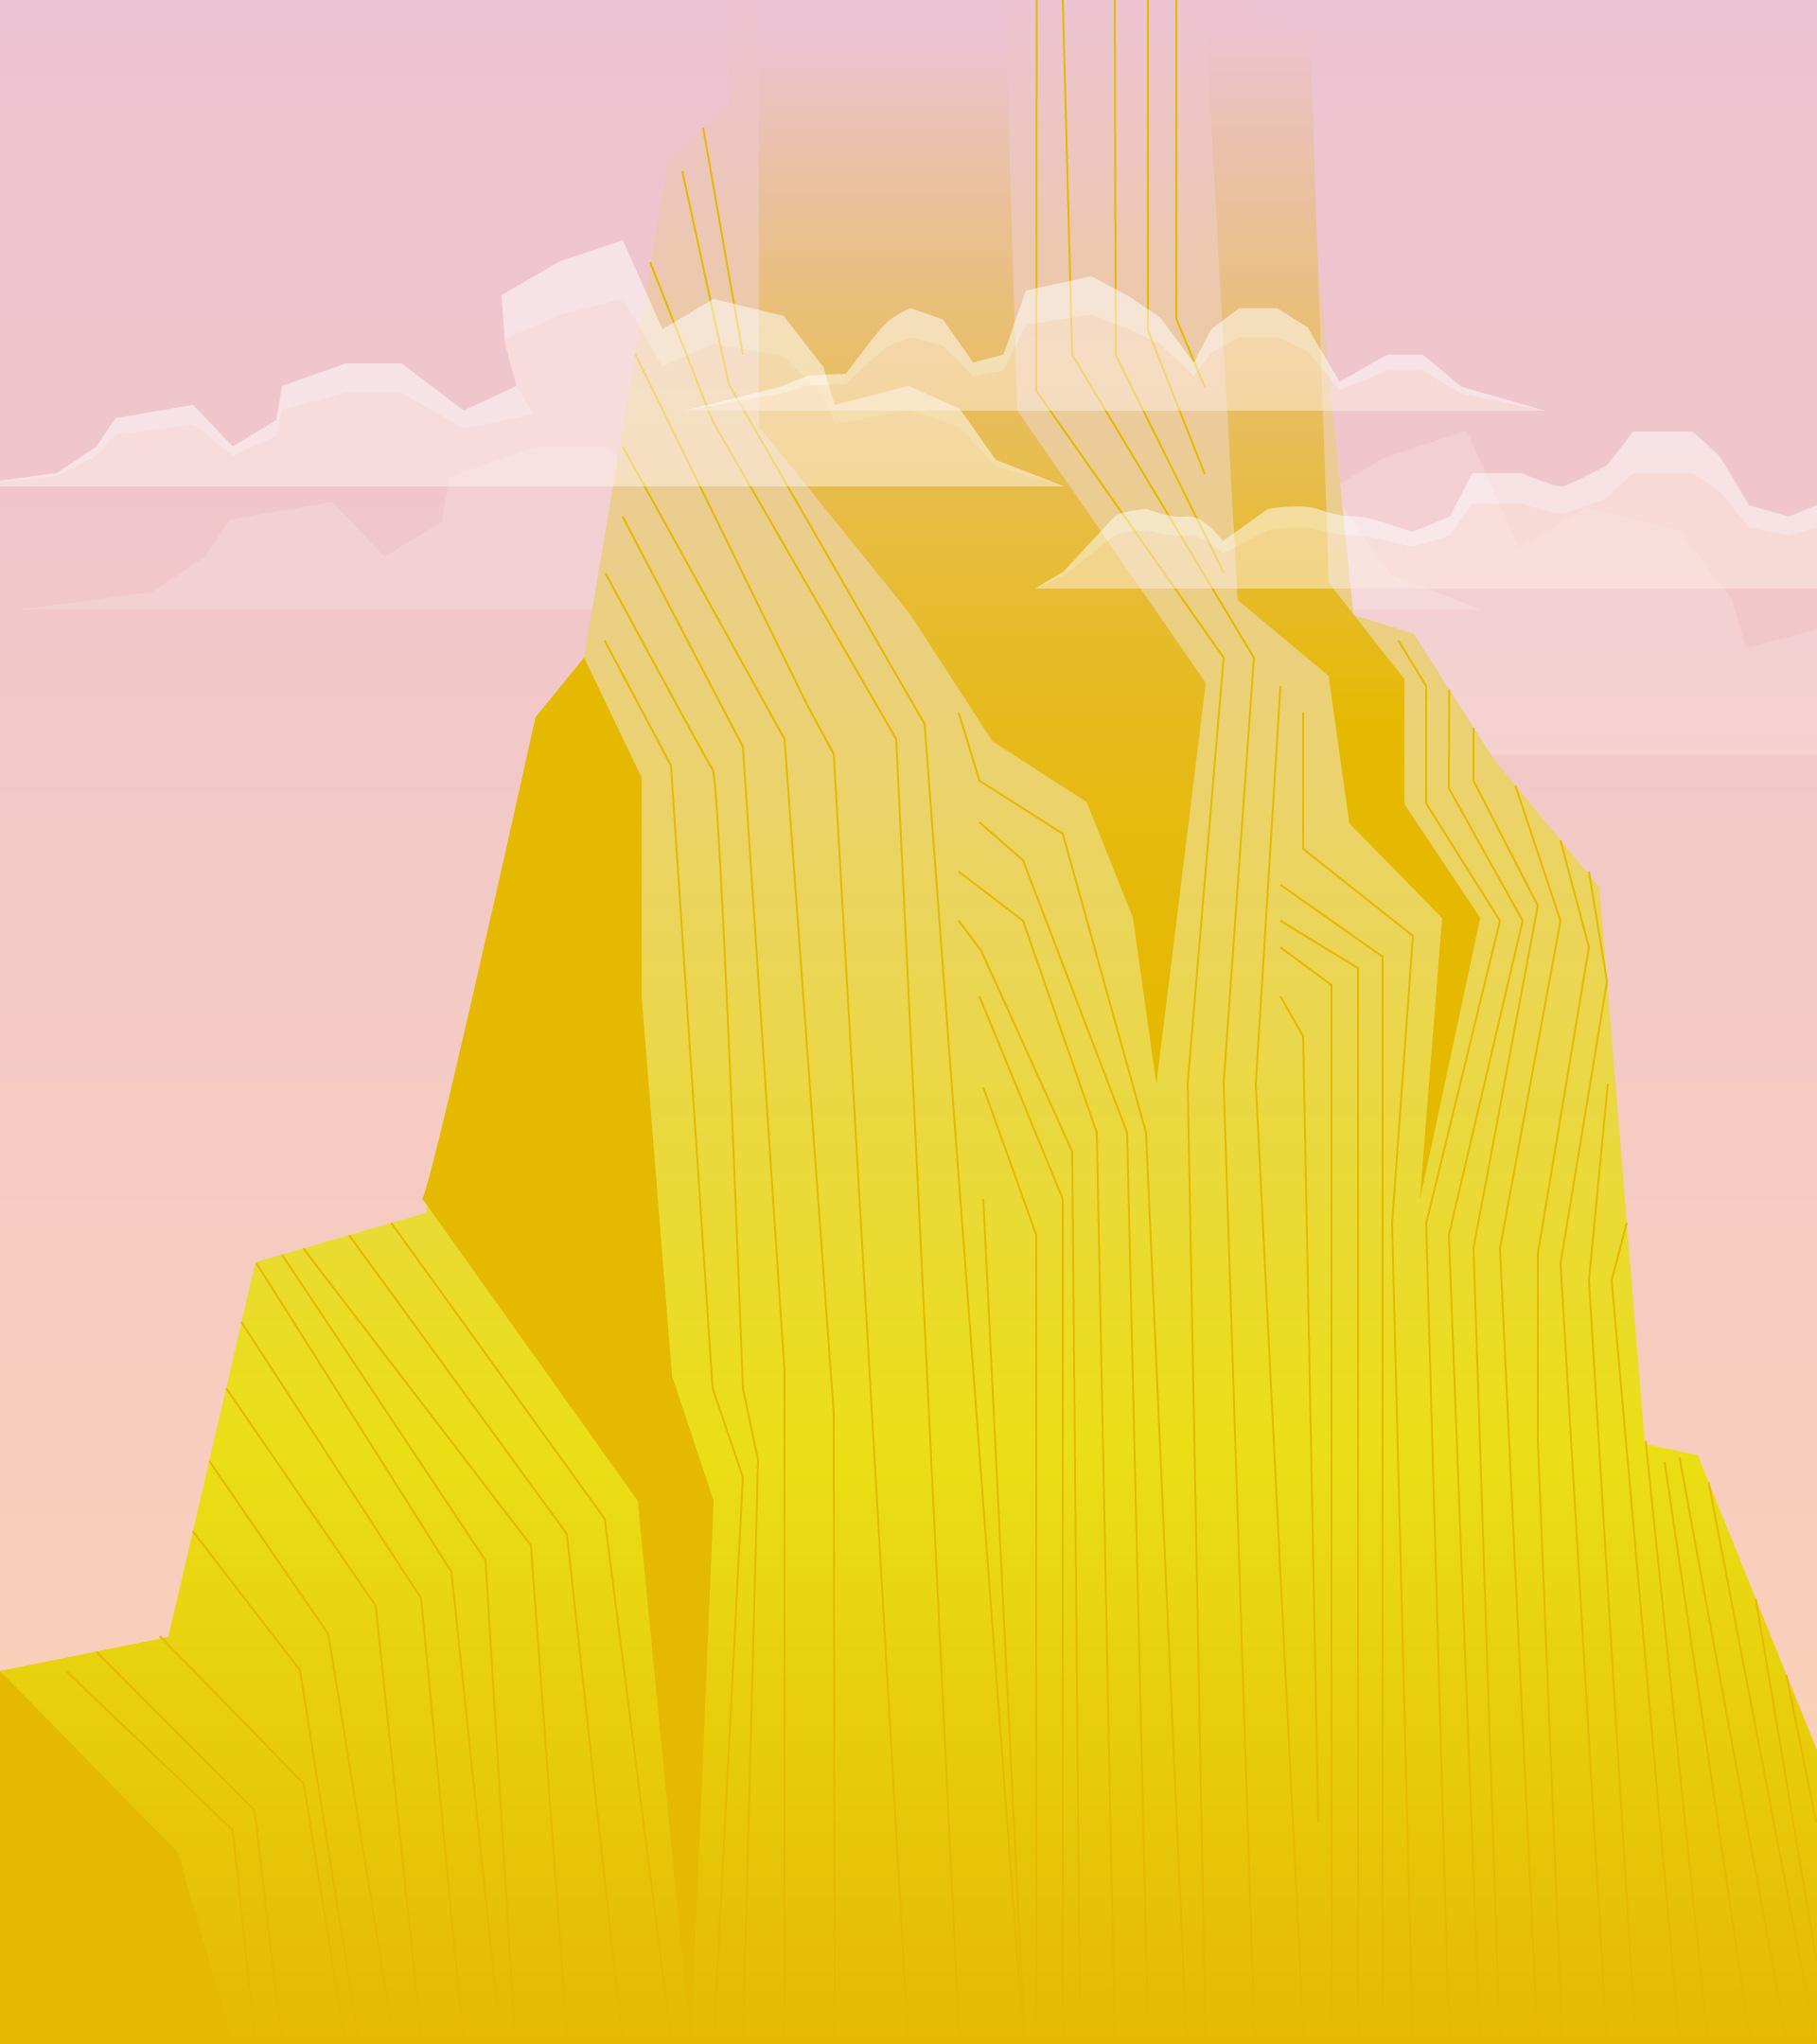 Se muestra una montaña tan alta que no se aprecia la cima. Las nubes están entre la media altura.